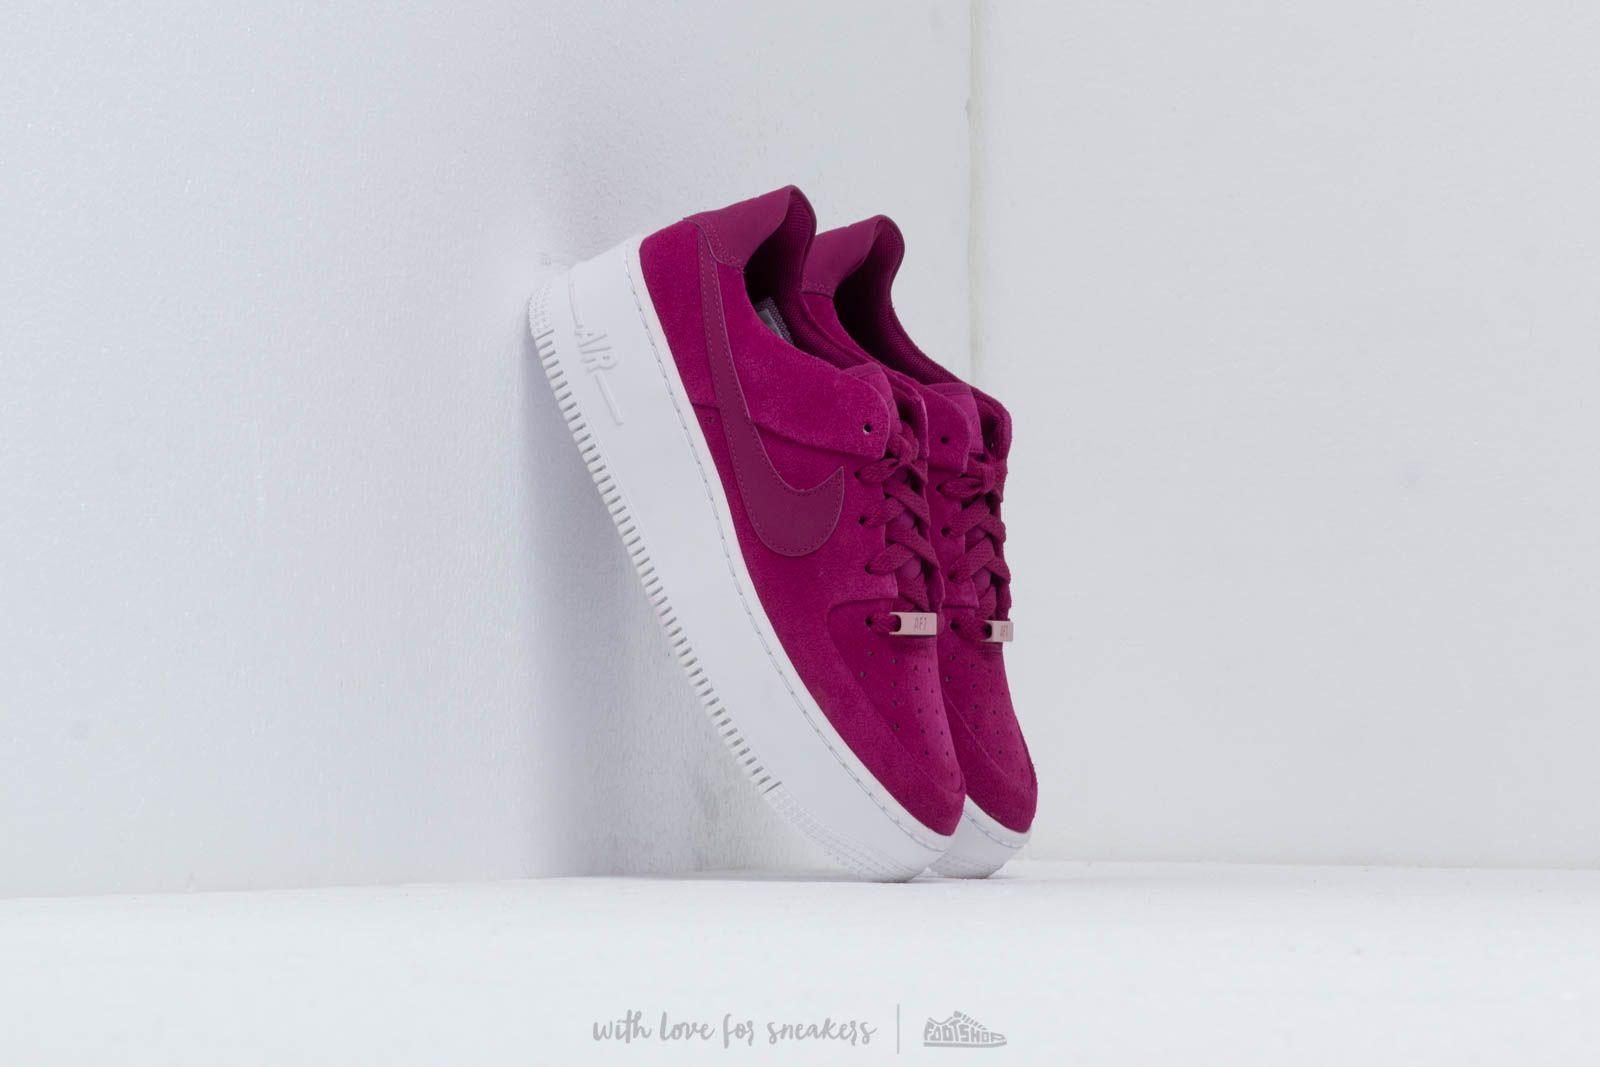 Nike W Af1 Sage Low True Berry/ True Berry-Plum Chalk za skvelú cenu 103 € kúpite na Footshop.sk